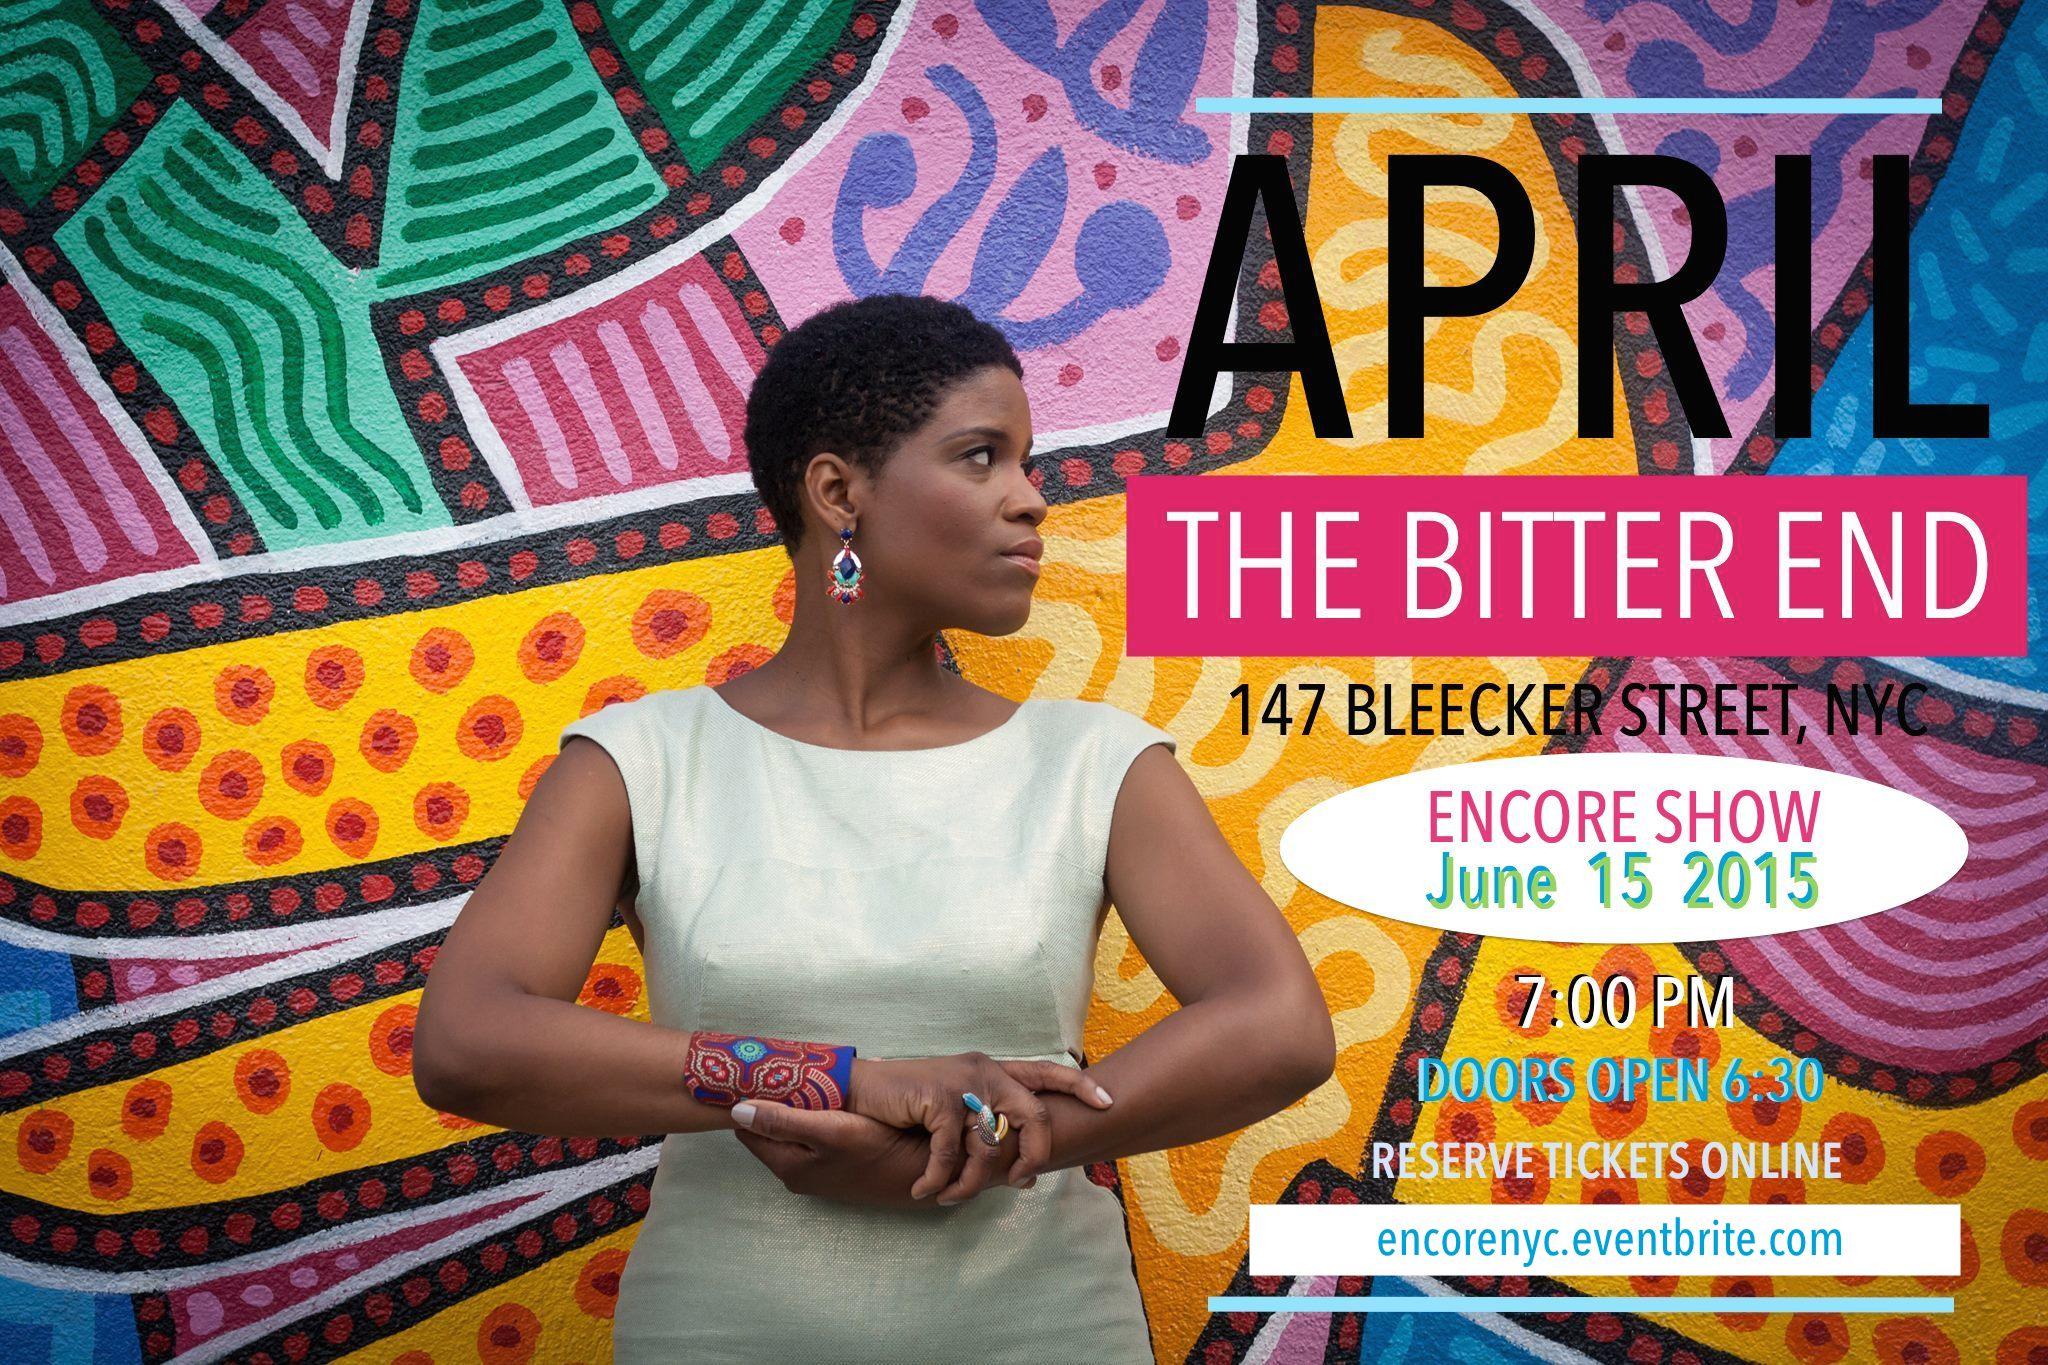 april in concert-bitter end flyer-3.jpg